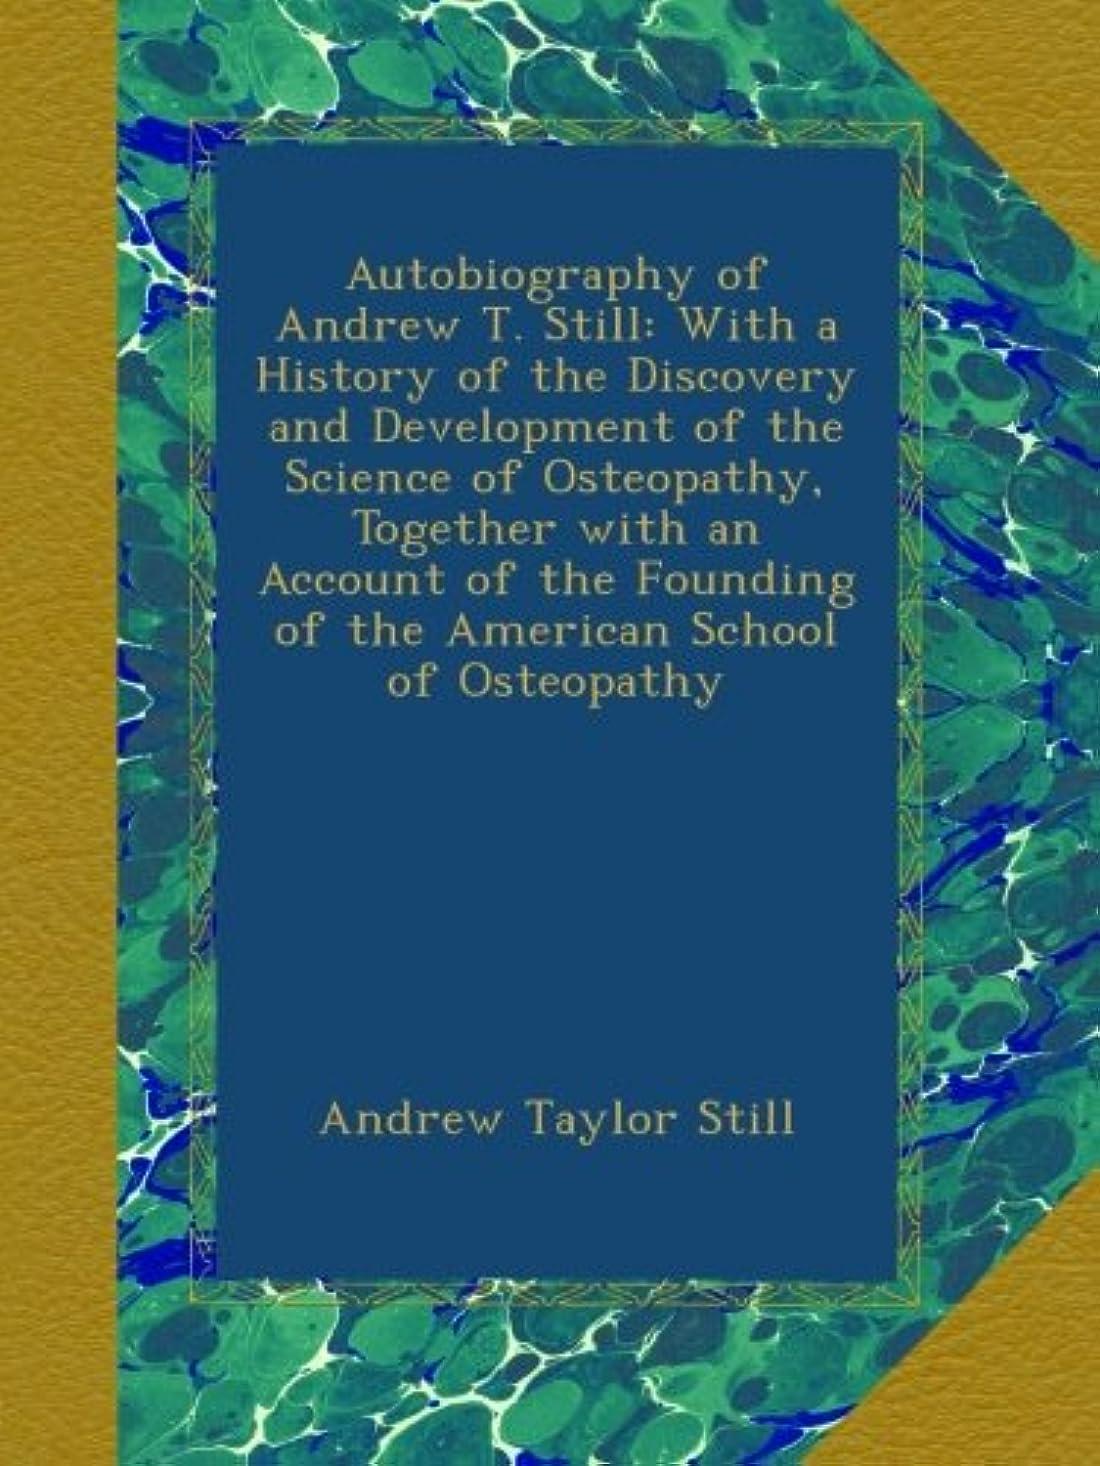 細胞ジョージスティーブンソンアームストロングAutobiography of Andrew T. Still: With a History of the Discovery and Development of the Science of Osteopathy, Together with an Account of the Founding of the American School of Osteopathy